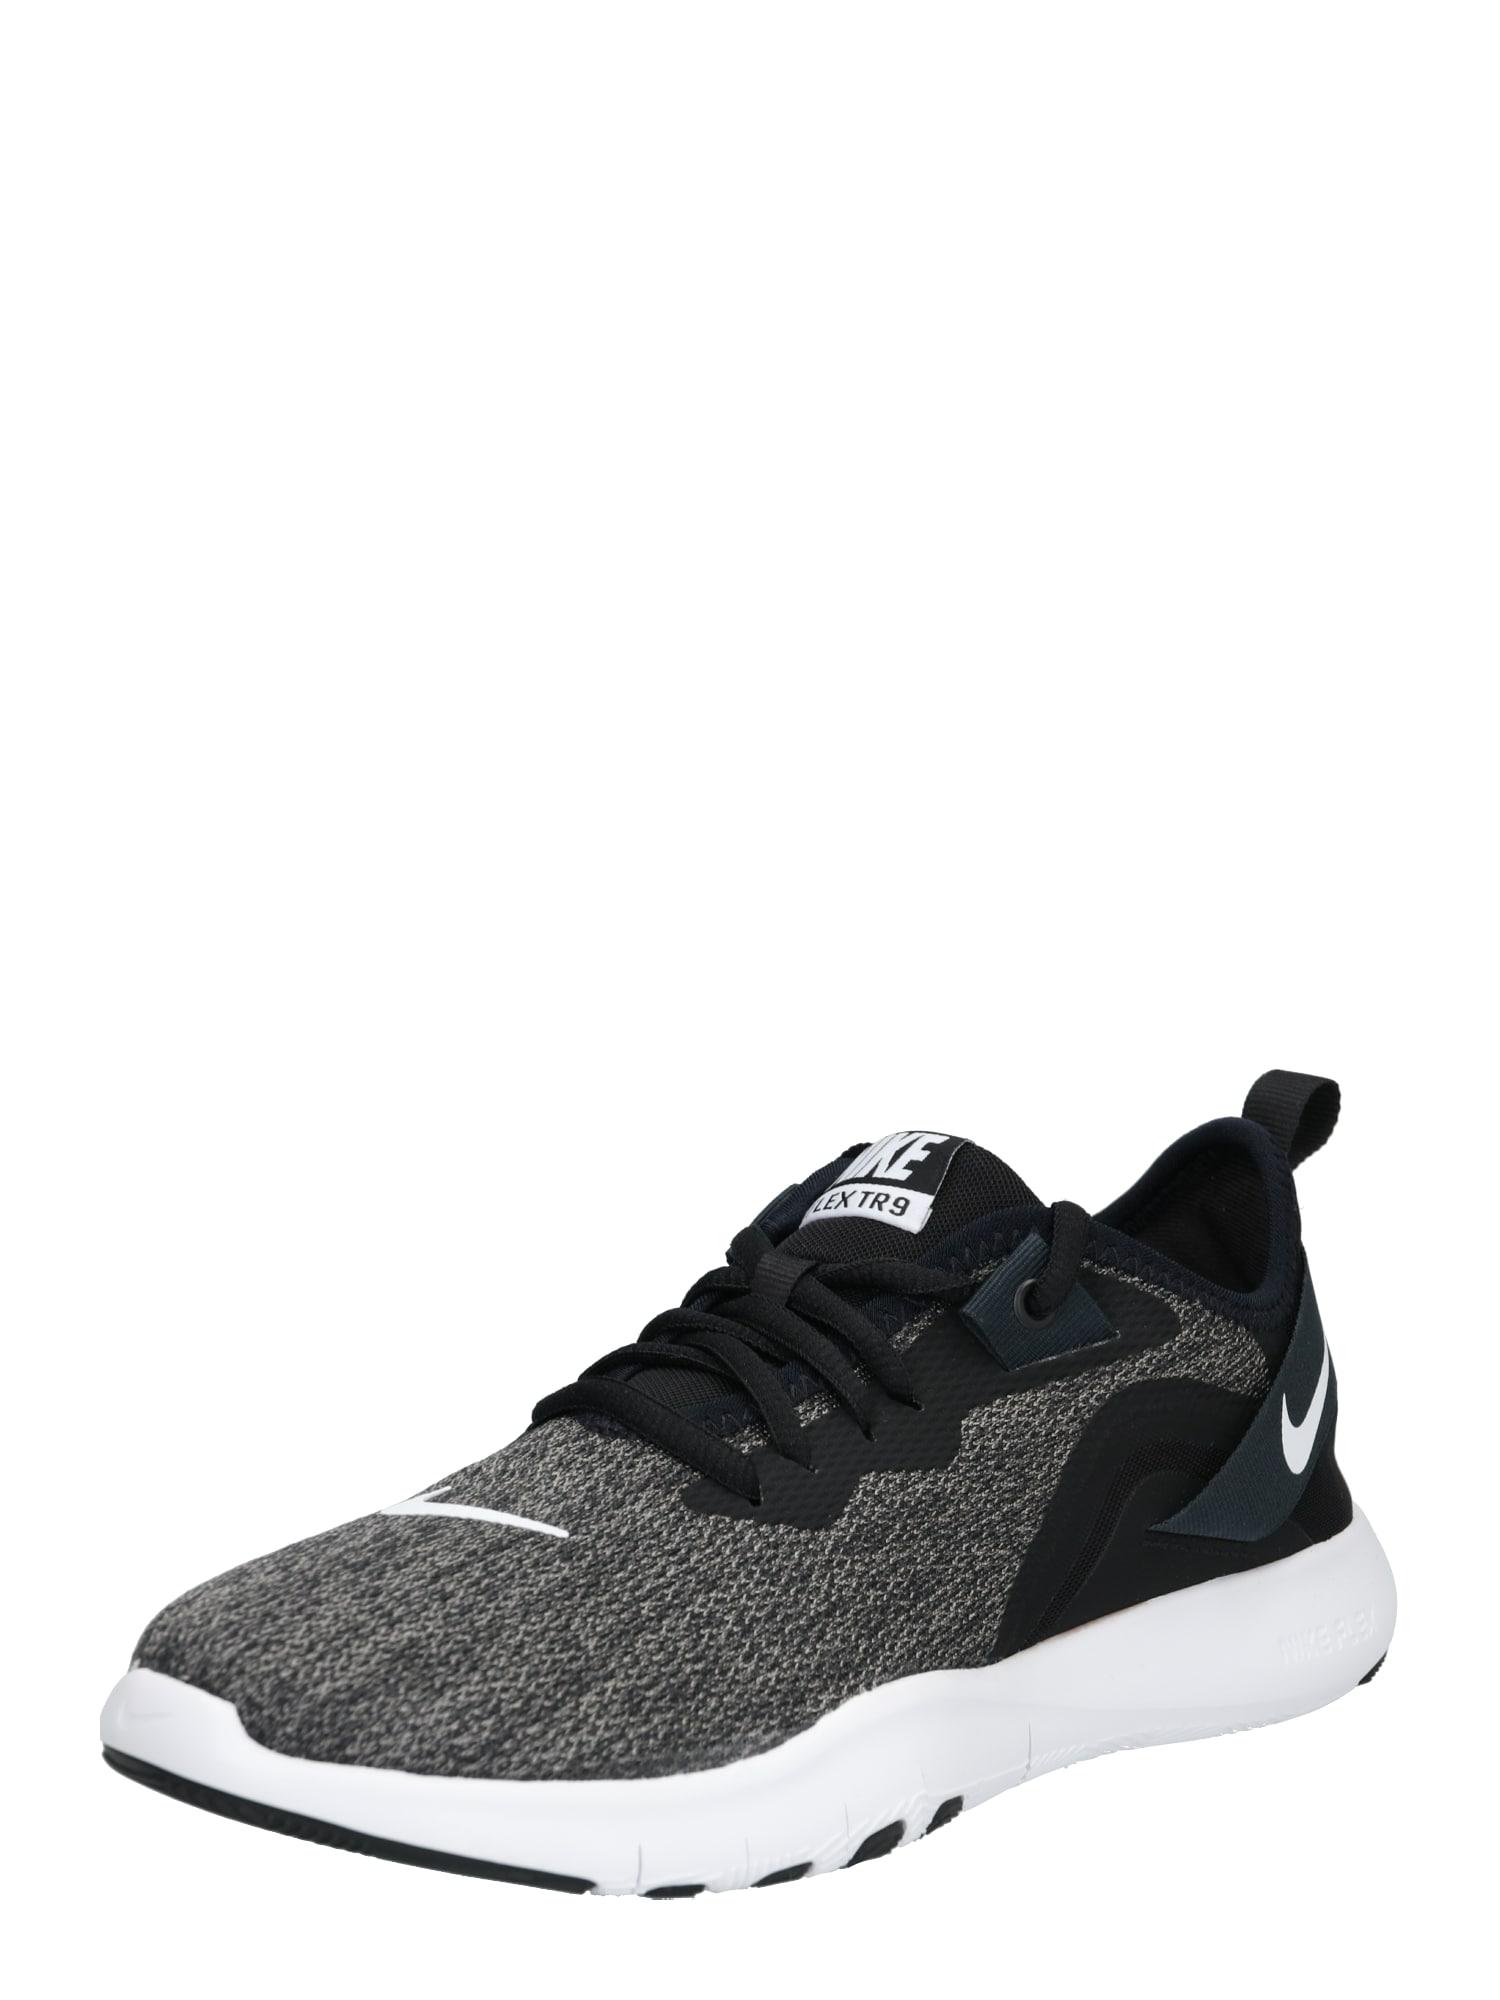 Sportovní boty Flex TR 9 tmavě šedá černá NIKE